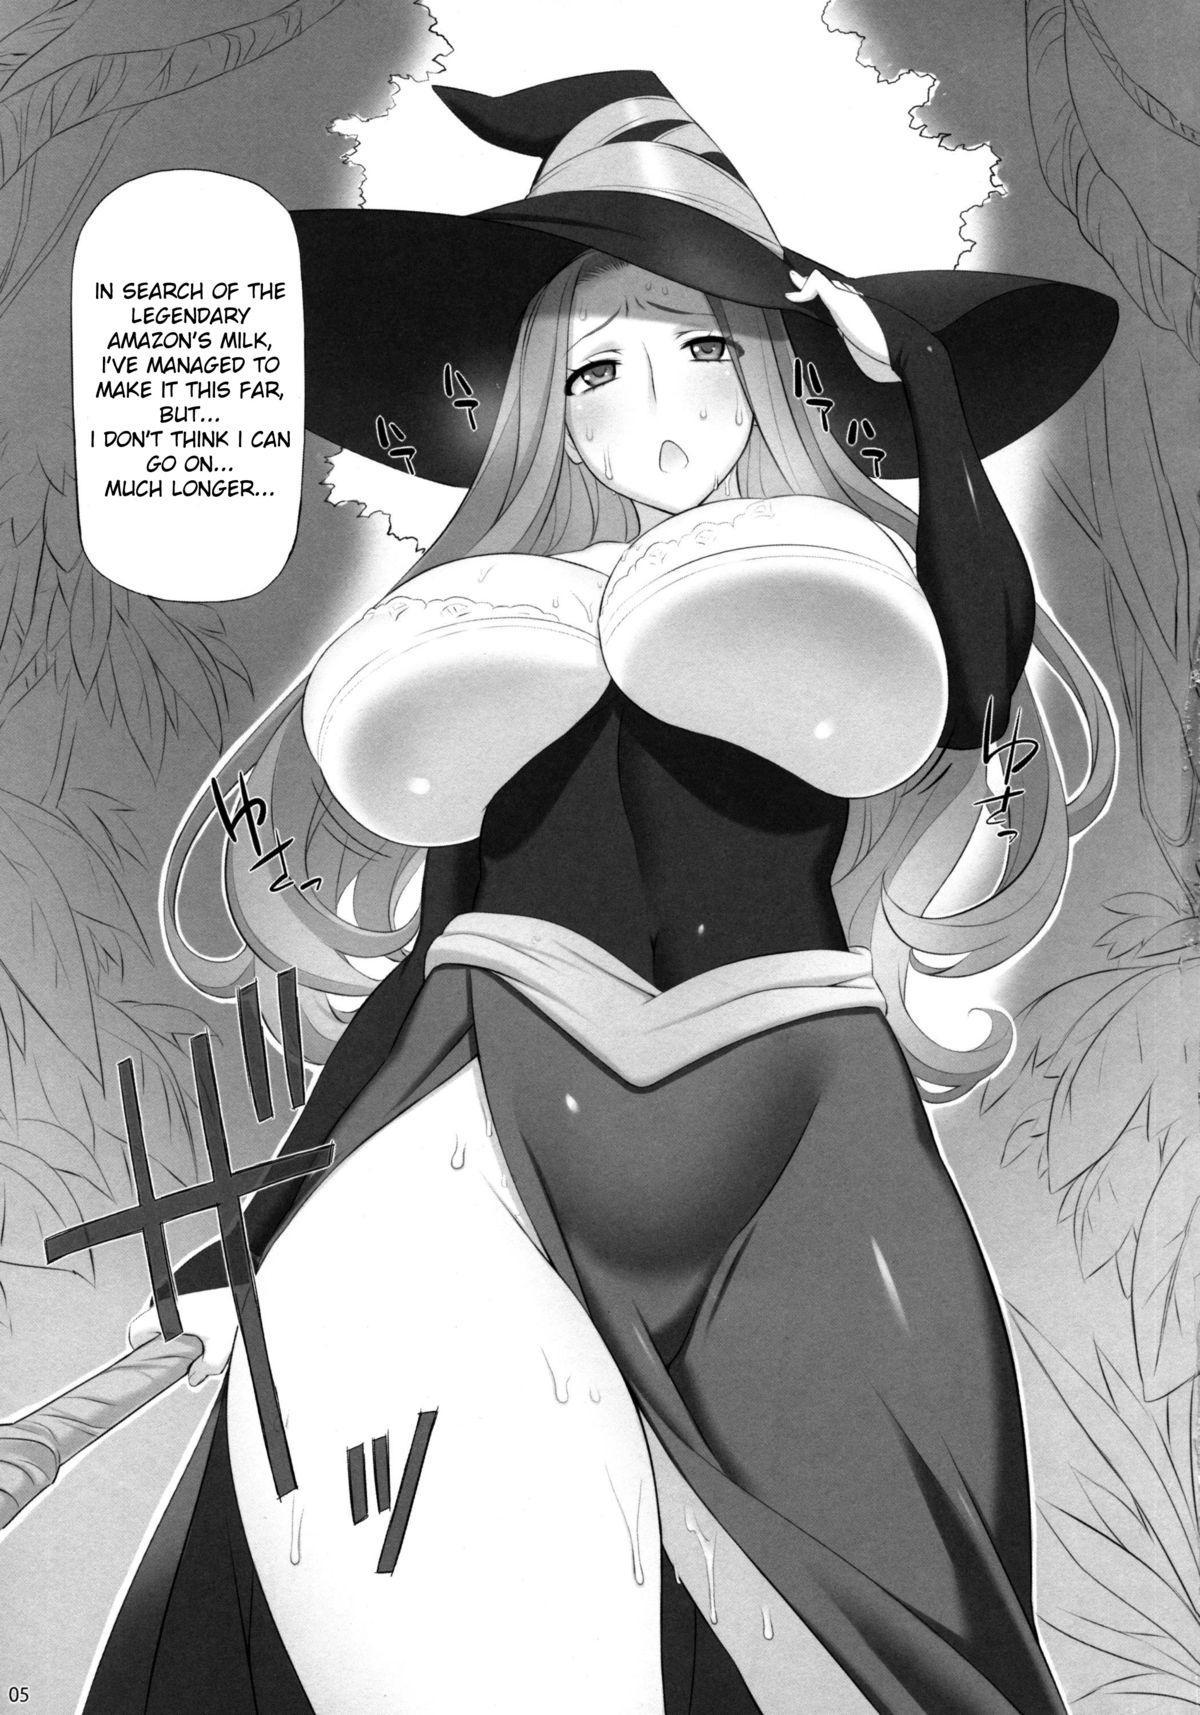 Sorceress no Natsu, Amazon no Natsu. | Summer of Sorceress, Summer of Amazon 4